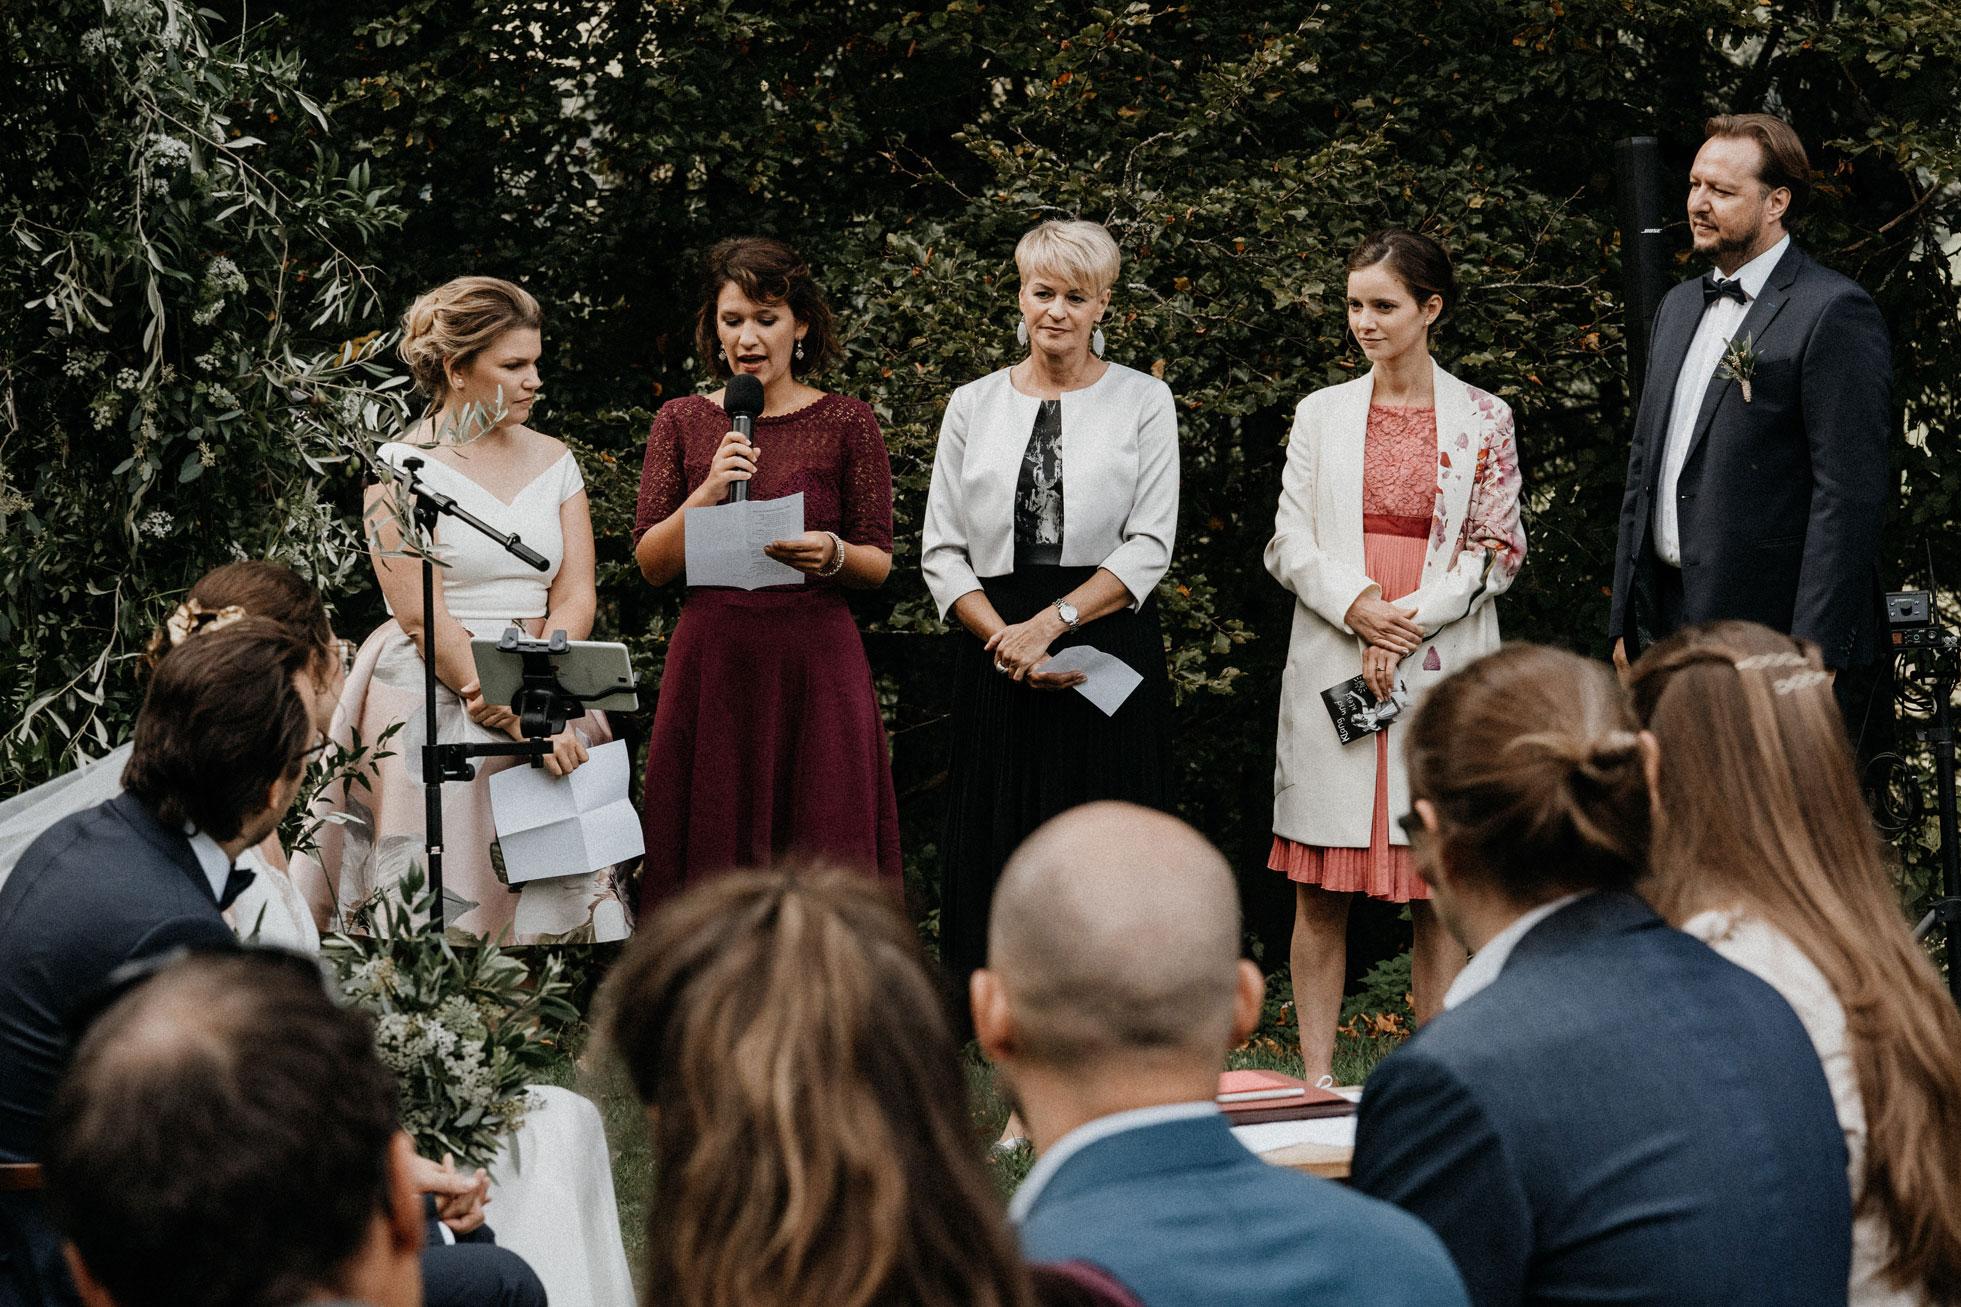 Hochzeit_Claire_Manuel_Villa_Maund_Daniel_Jenny-215.jpg